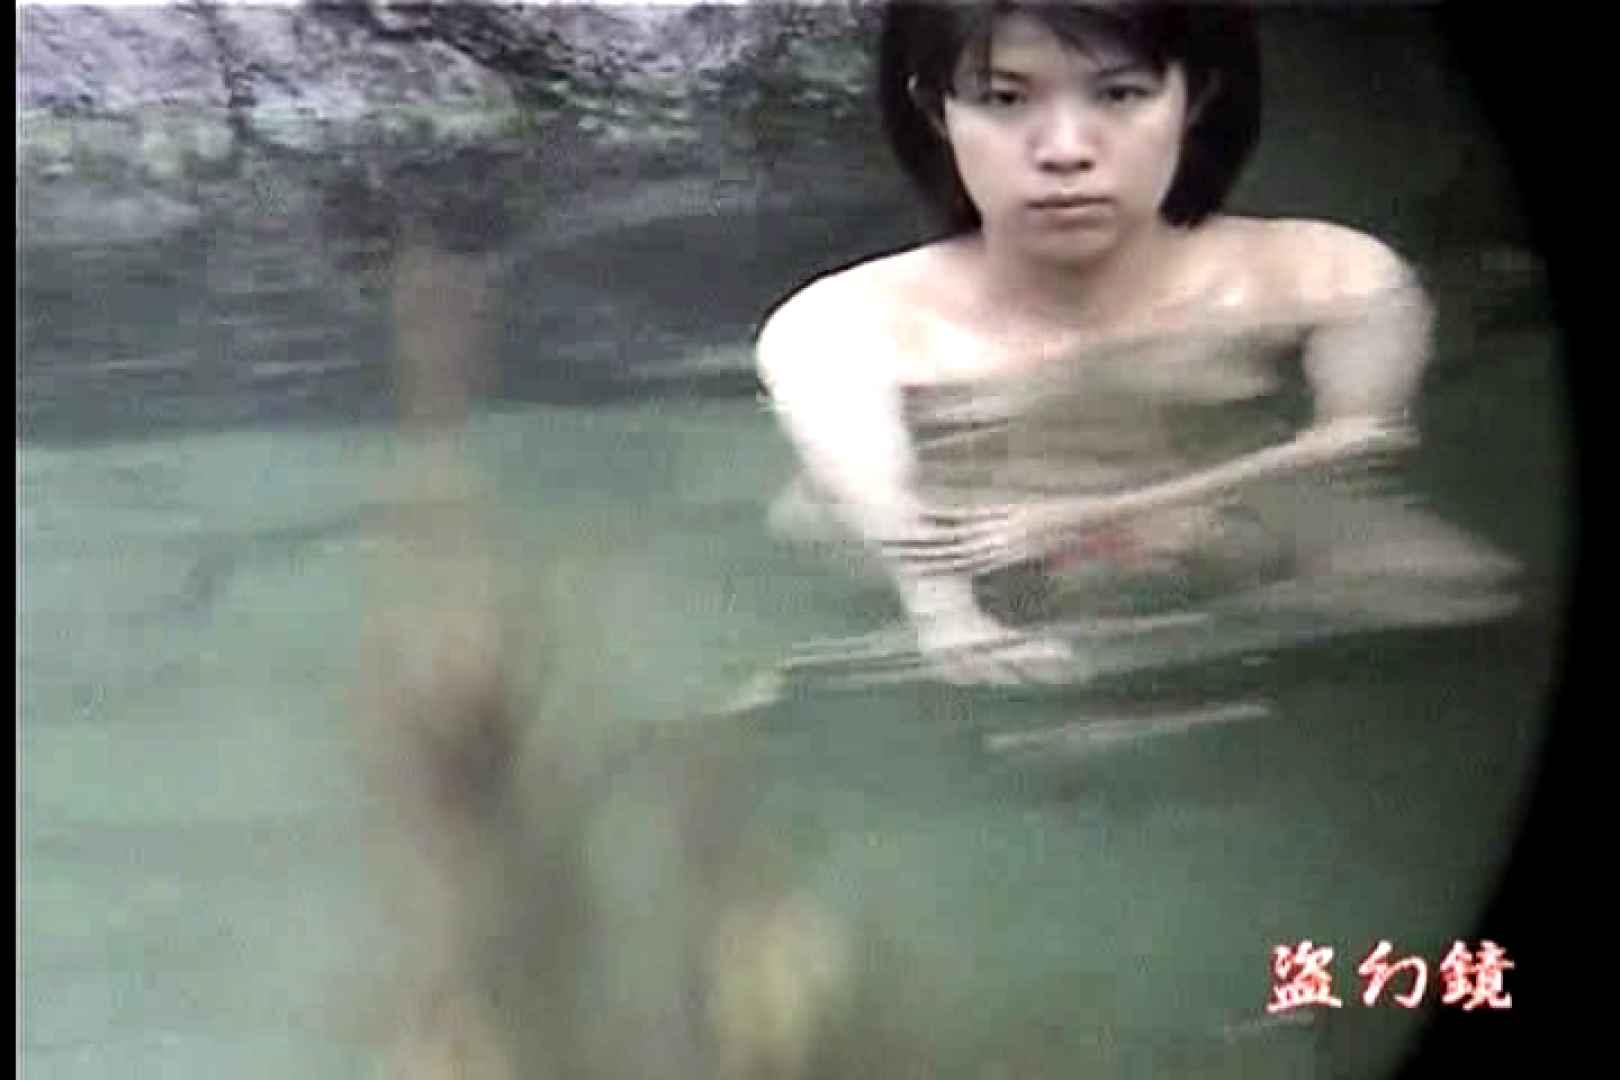 白昼の浴場絵巻 美女厳選版 DKY-04 美女  53連発 47